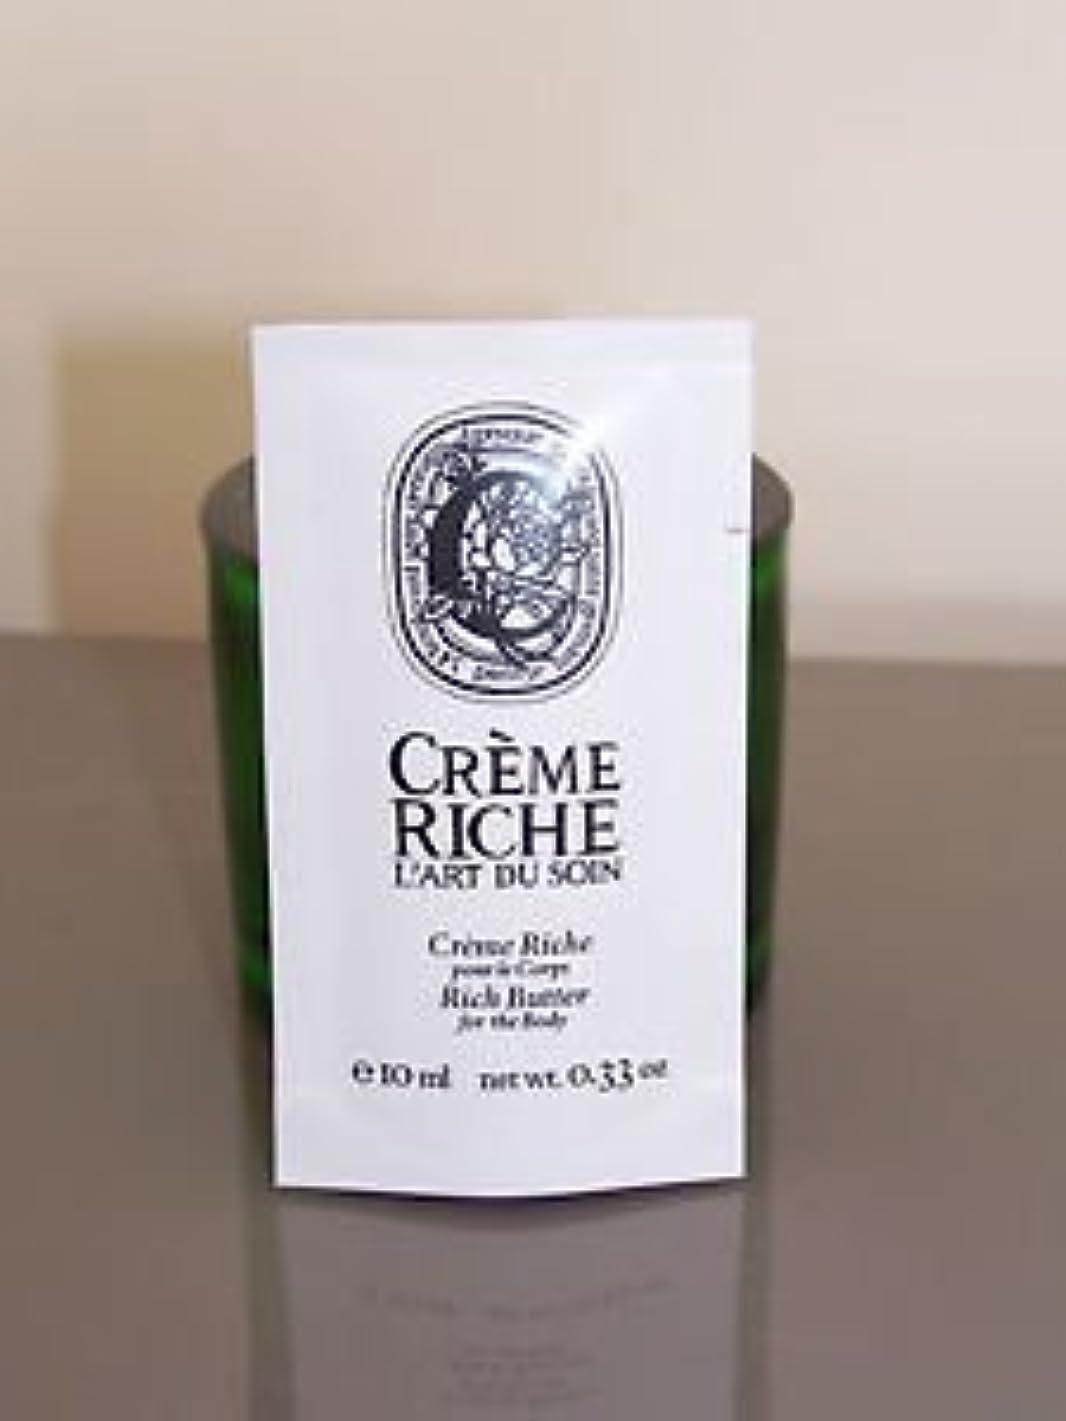 突撃ペレット商品Diptyque Creme Riche (ディプティック クレーム リッチ) 0.33 oz (10ml) ボディーバター (ボディークリーム) サンプル for Women